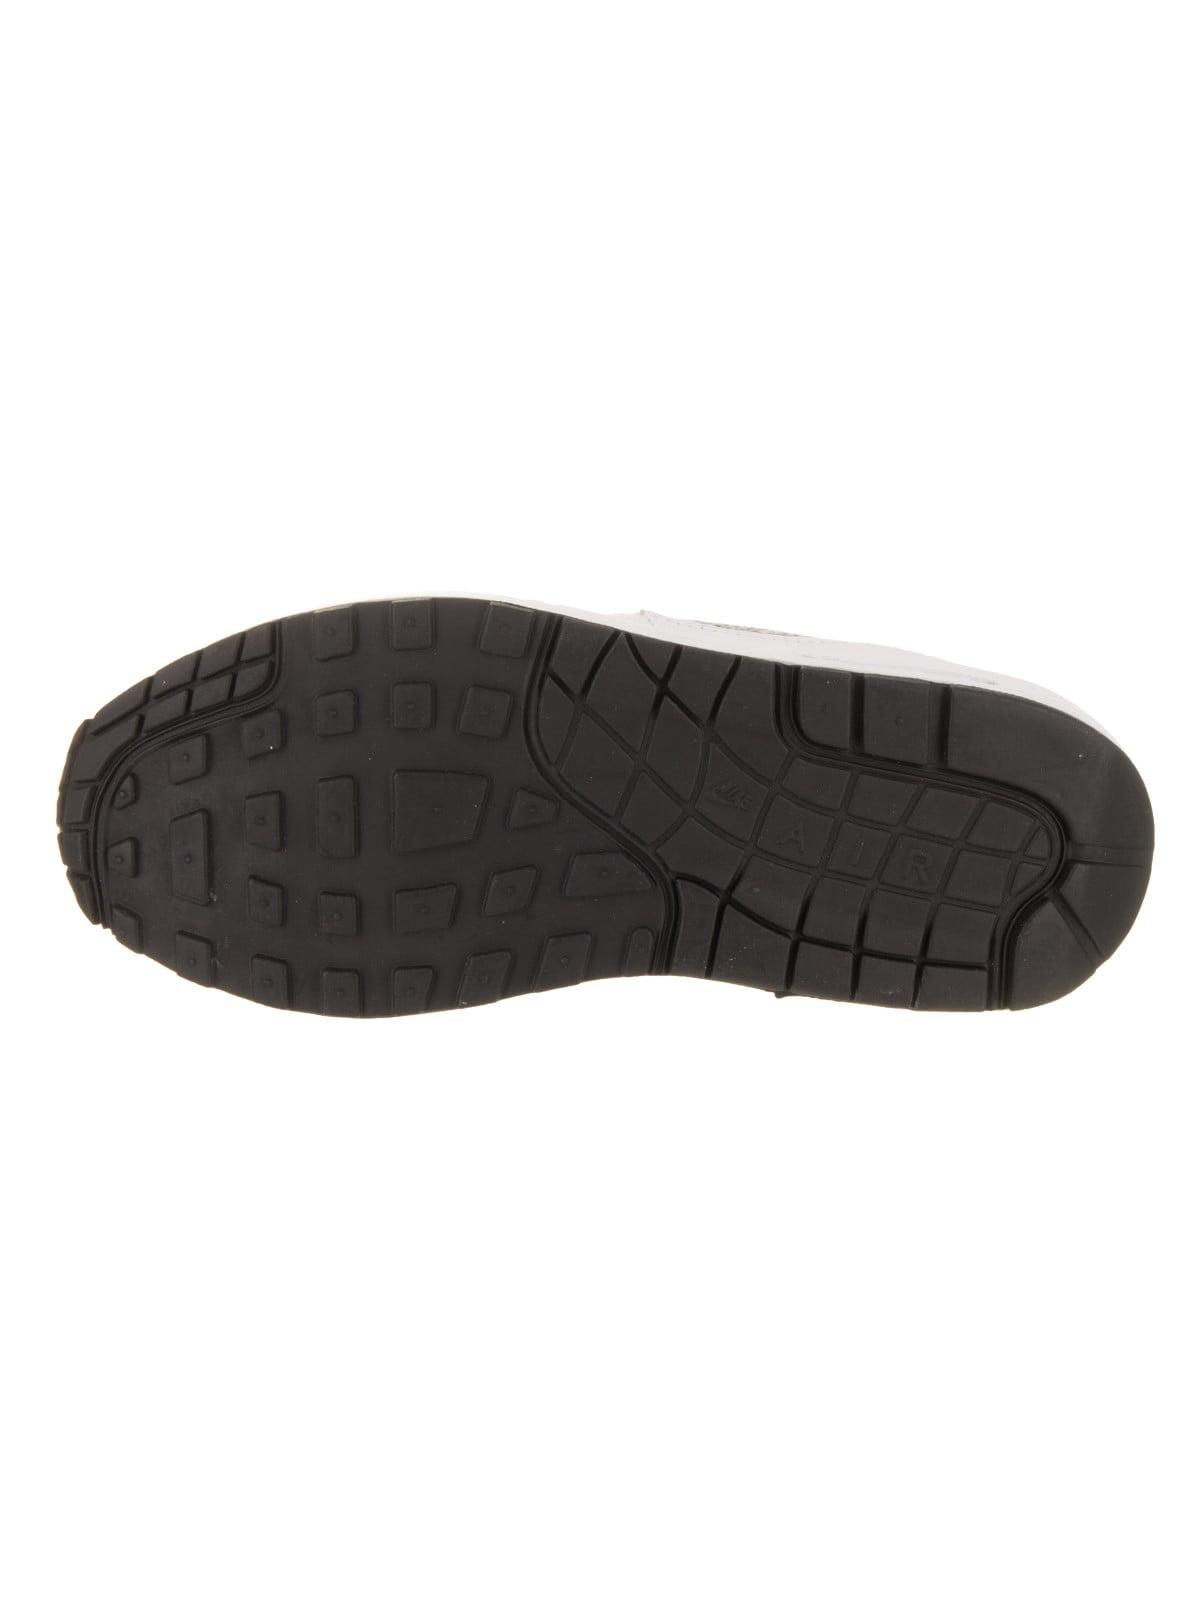 Nike Women's Casual Air Max 1 SE Casual Women's Shoe f6c57e